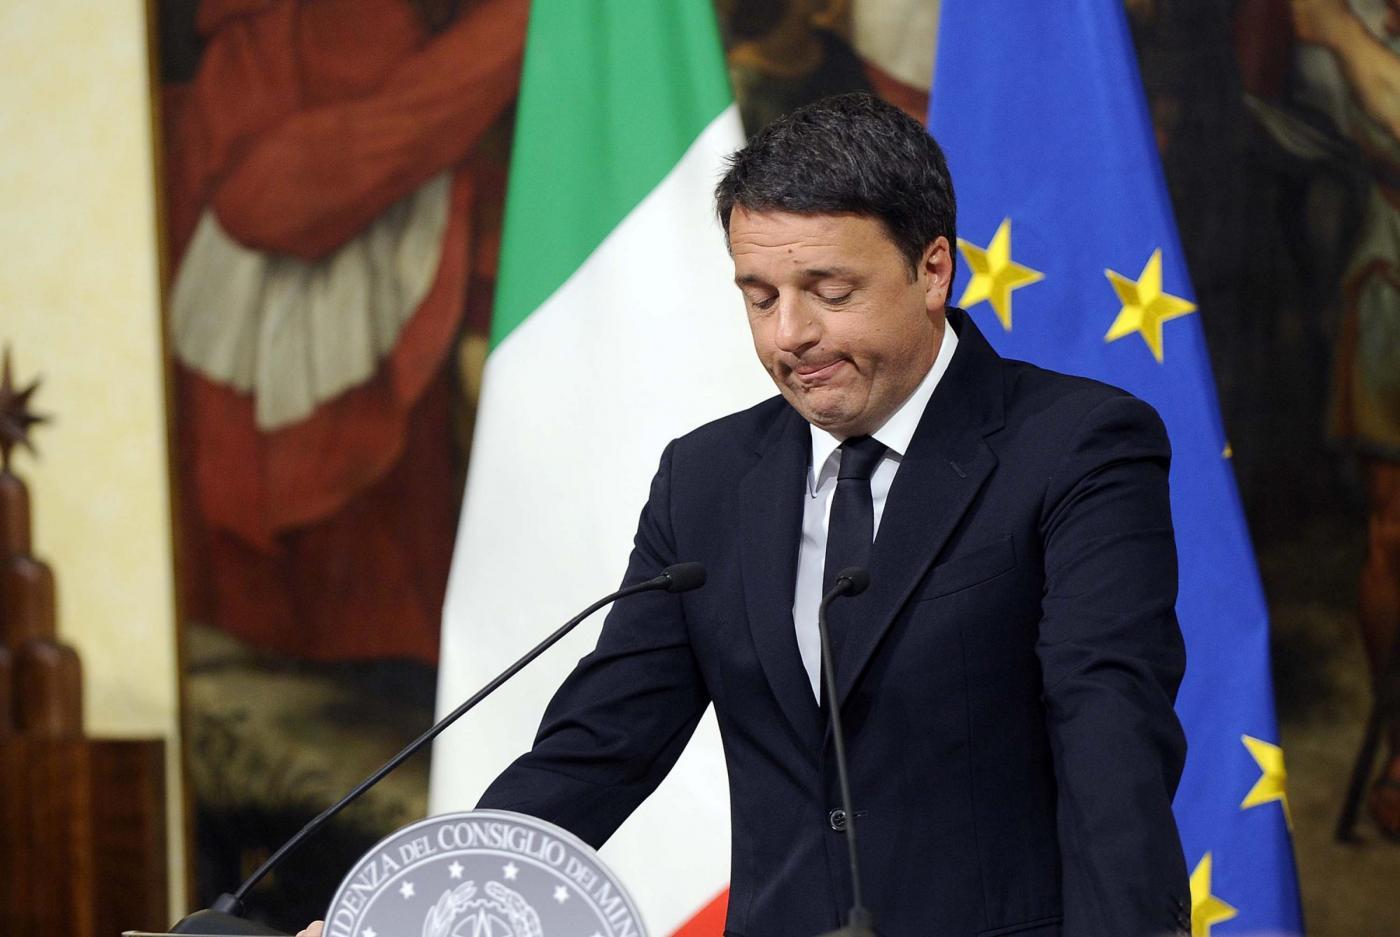 Matteo Renzi dimissioni: sono davvero un atto dovuto?